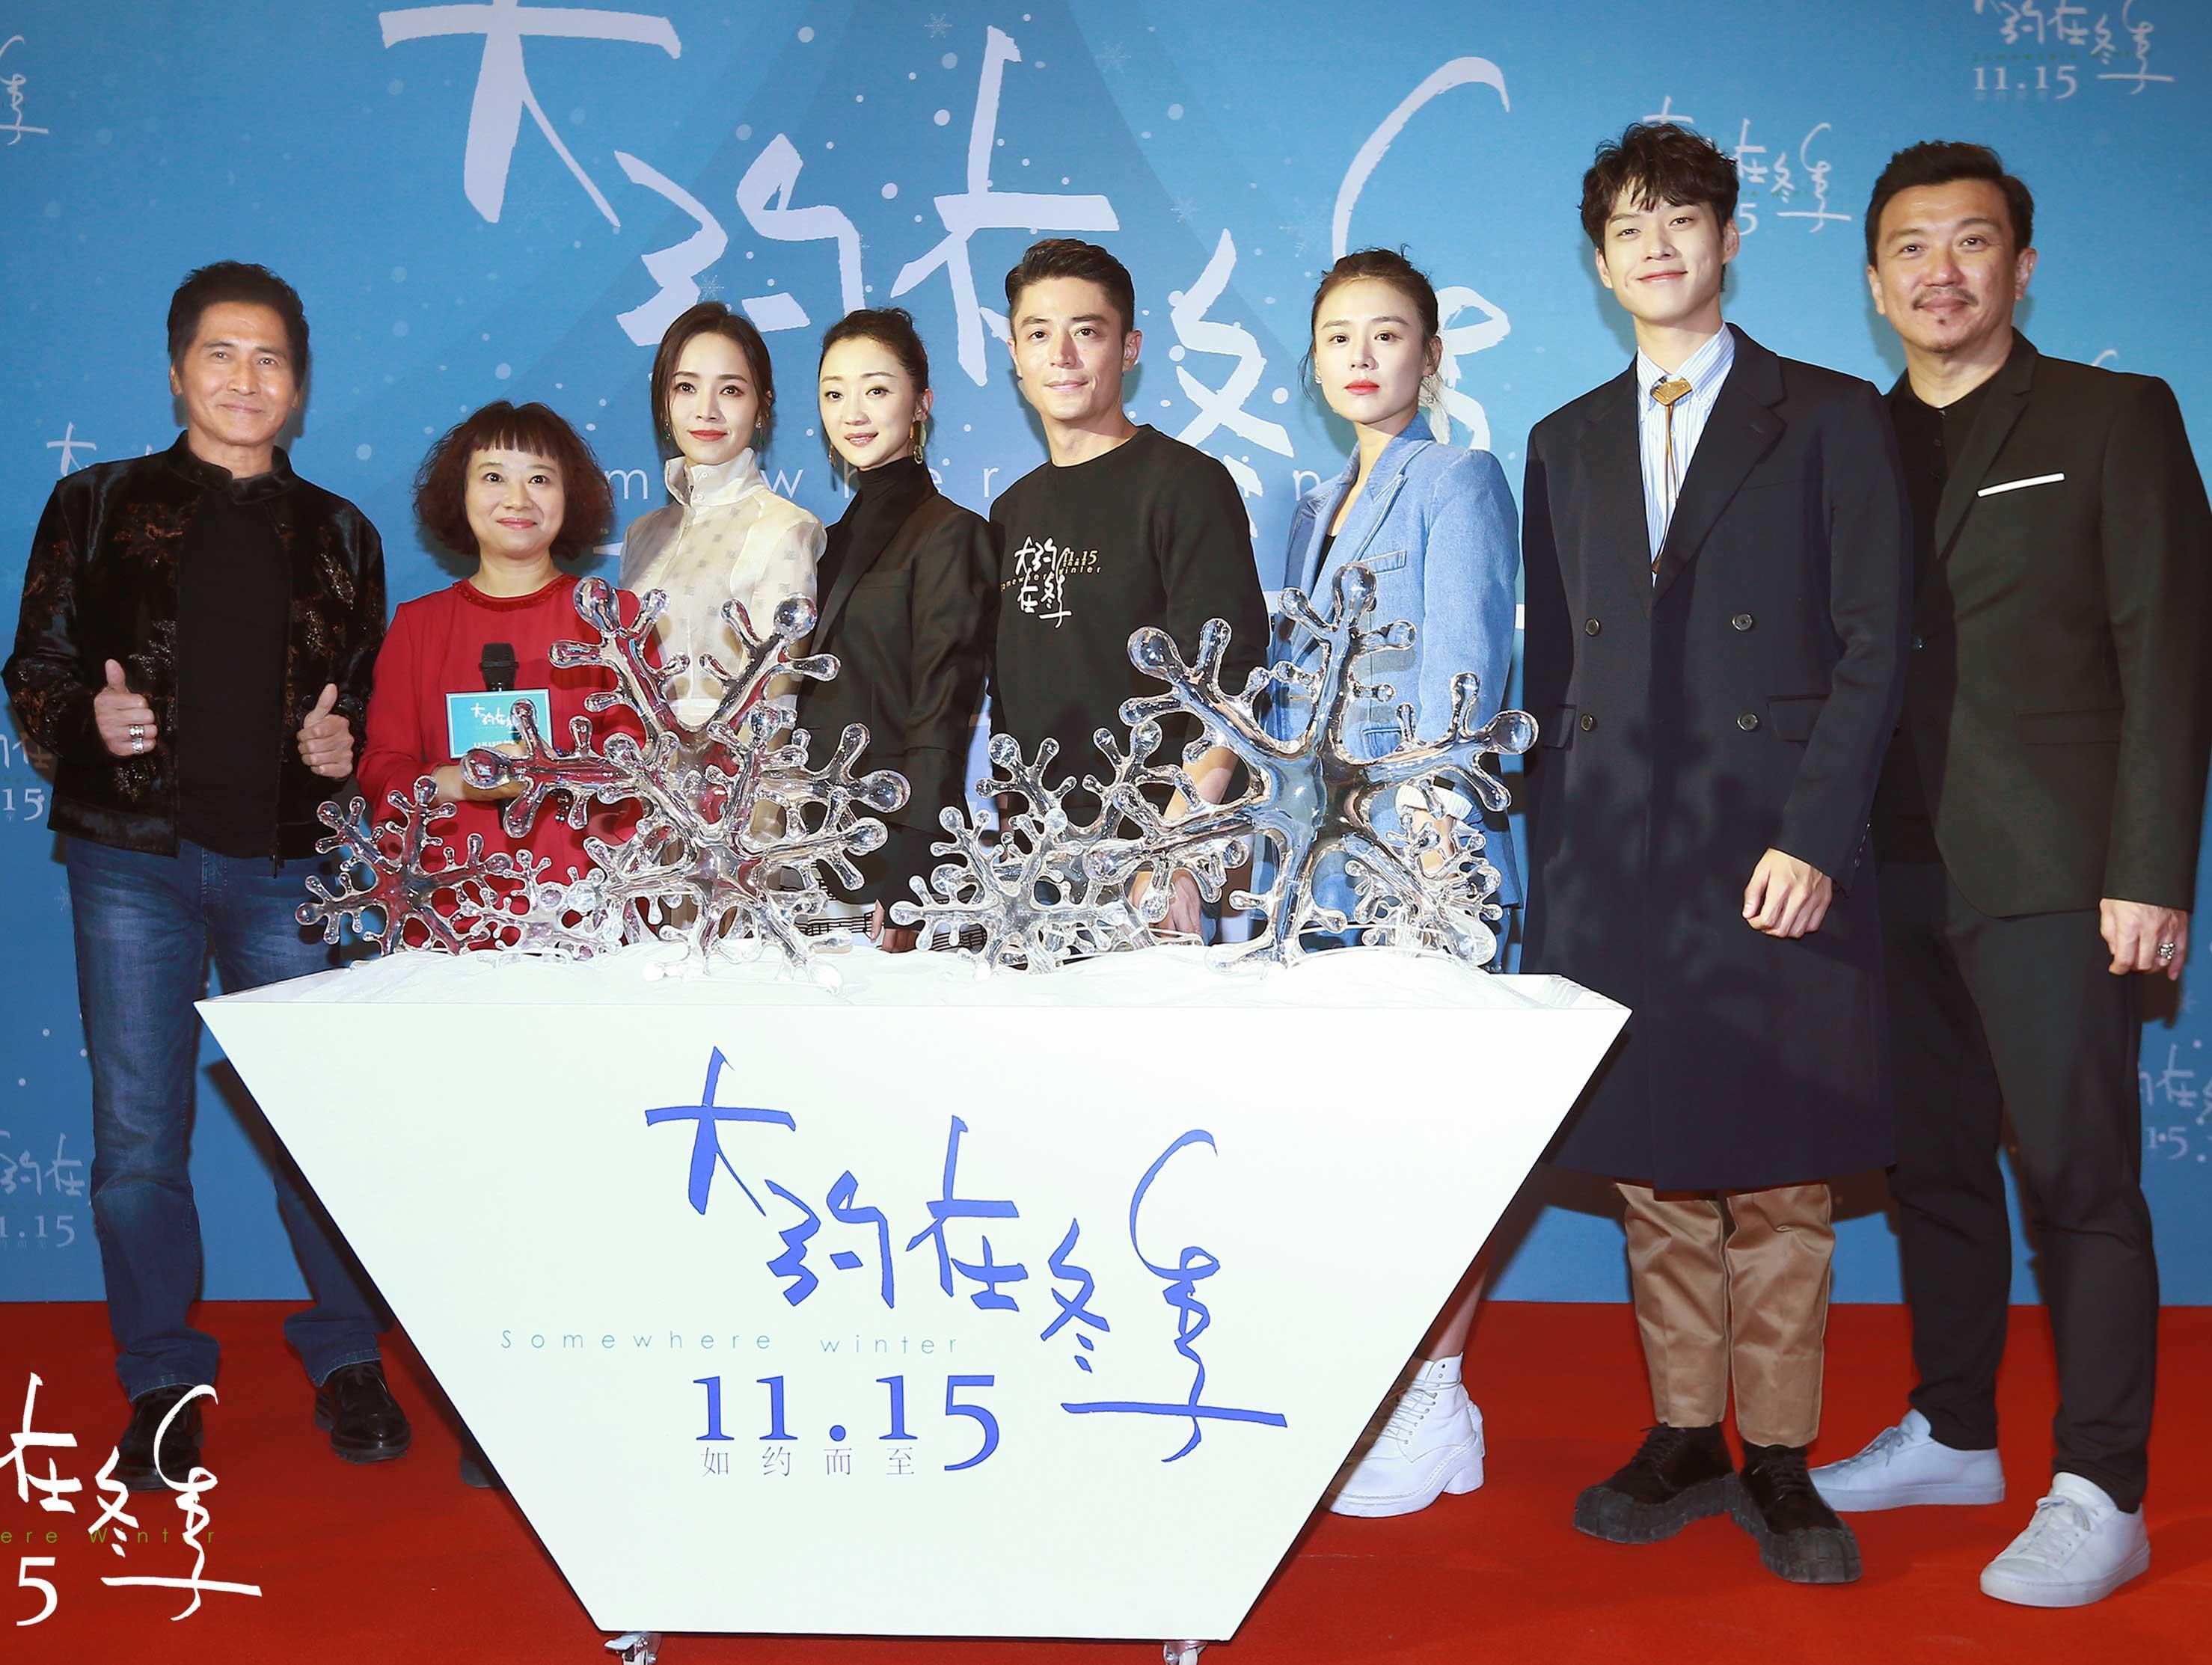 电影《大约在冬季》在京举办首映礼